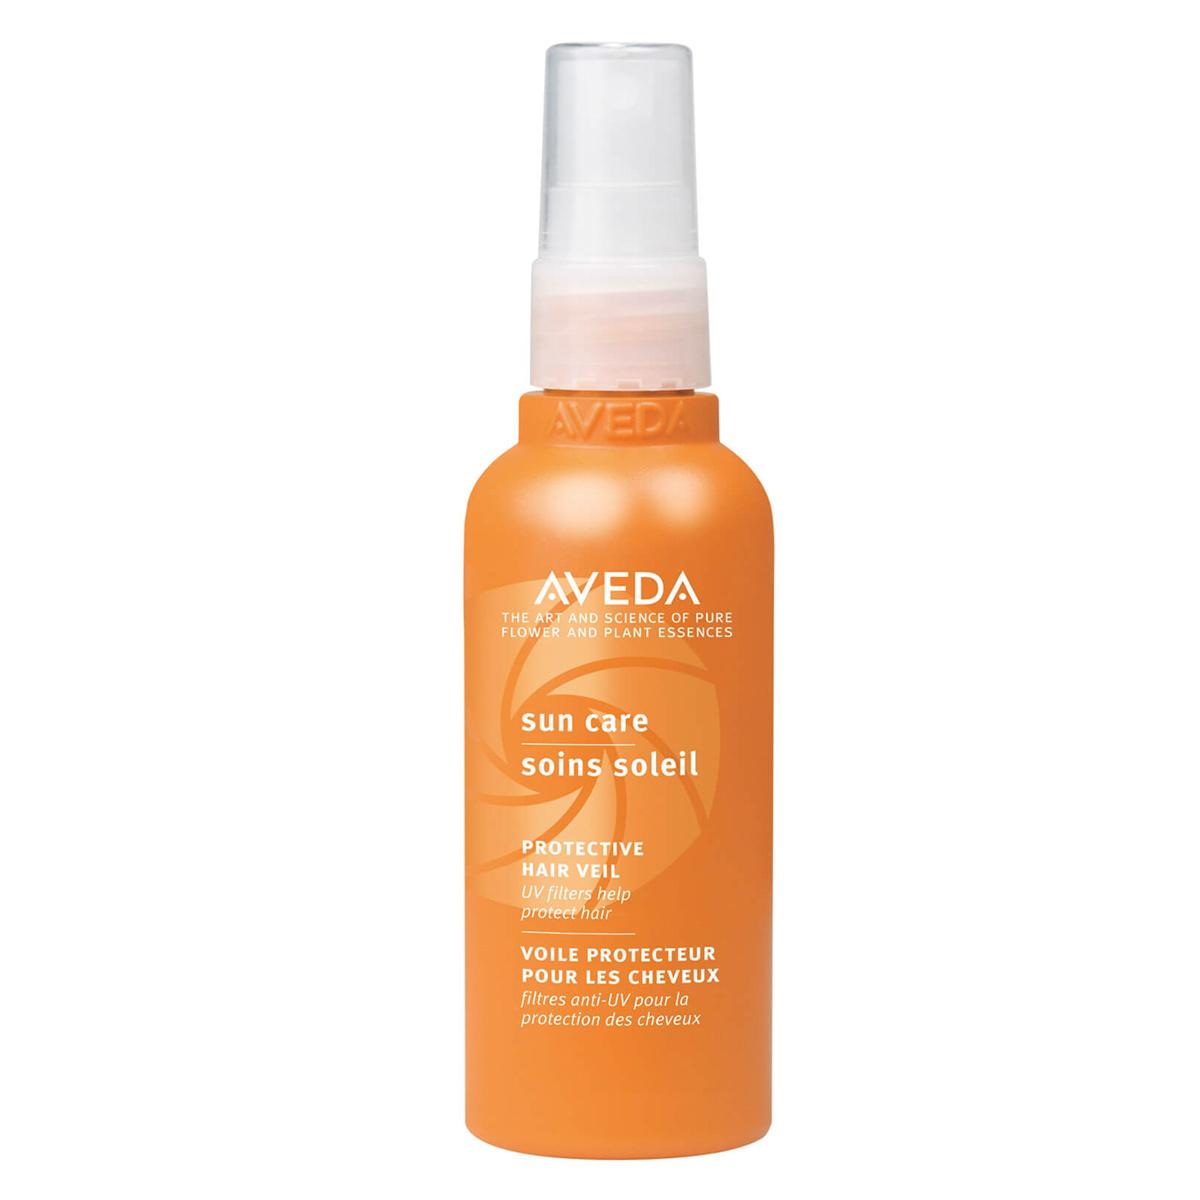 Protective Hair Veil Sun Care de Aveda